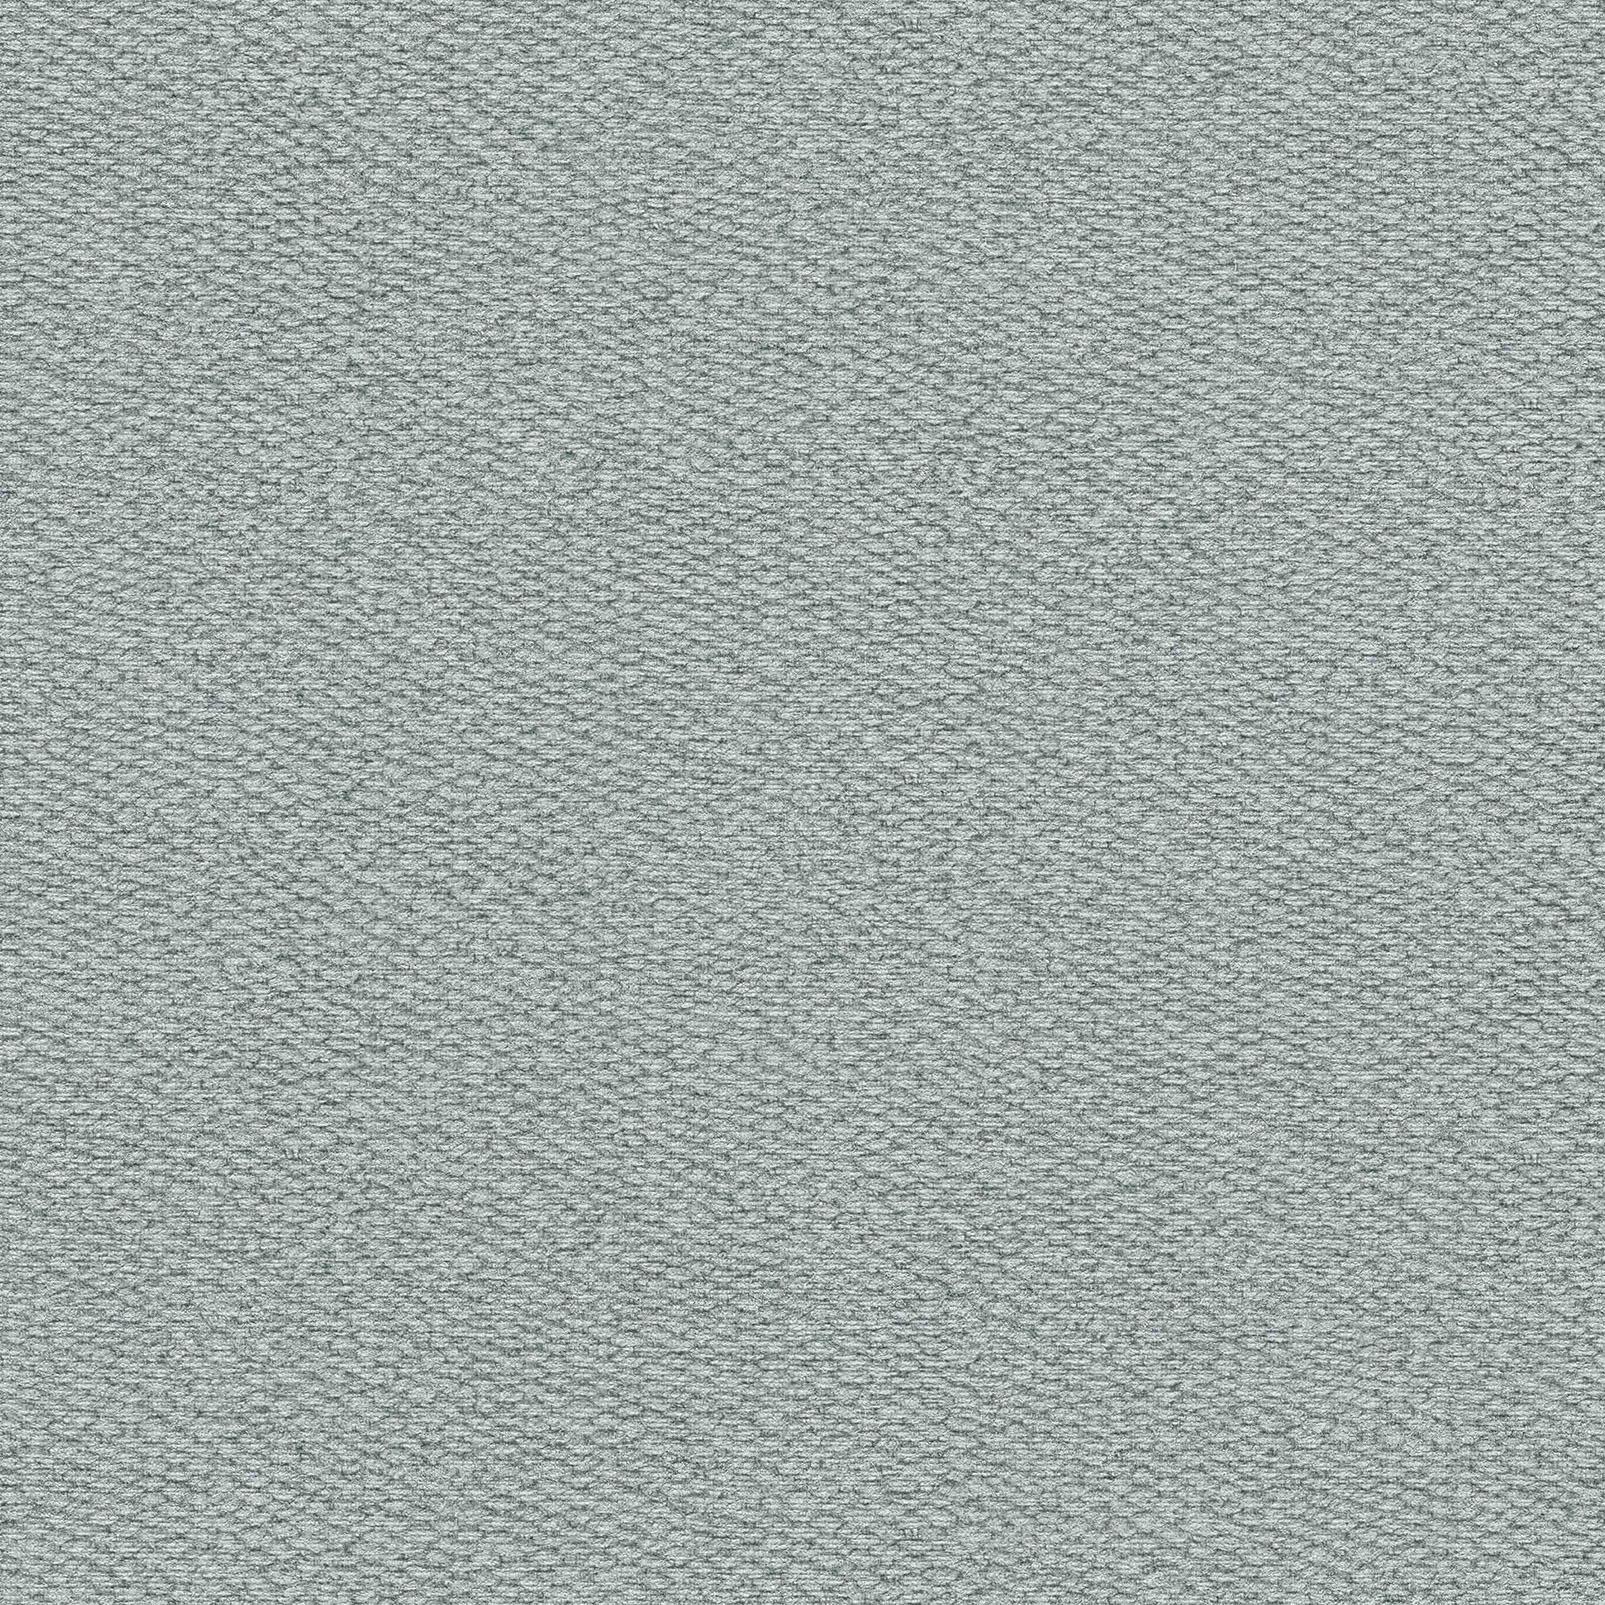 RM2 RUSTIC ROUGH LINEN UNI RM2 219943 MI